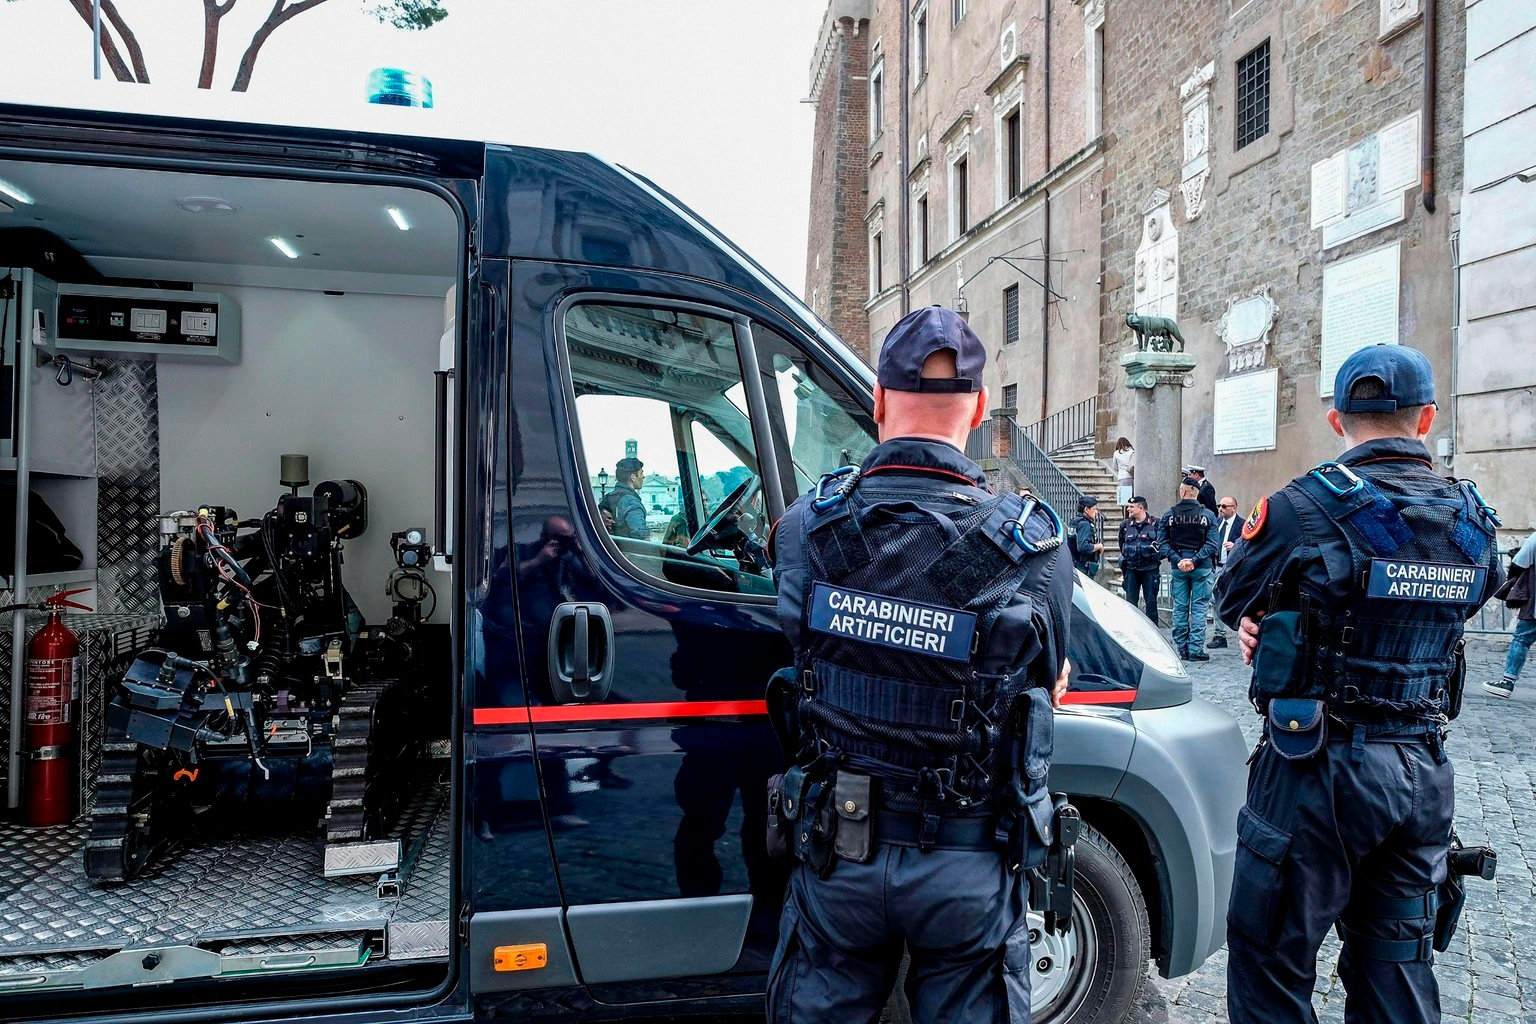 Robbanószert hatástalanító robottal rendőrök a római Capitolium-dombon elterülő Campidoglio téren, a városháza előtt a Római Szerződés aláírása 60. évfordulójának alkalmából rendezett római európai uniós csúcstalálkozó előtti napon, 2017. március 24-én. Az EU elődjét, az Európai Gazdasági Közösséget, a Közös Piacot létrehozó dokumentumot 1957. március 25-én írta alá az olasz fővárosban az alapító hat állam. (MTI/EPA/Alessandro Di Meo)